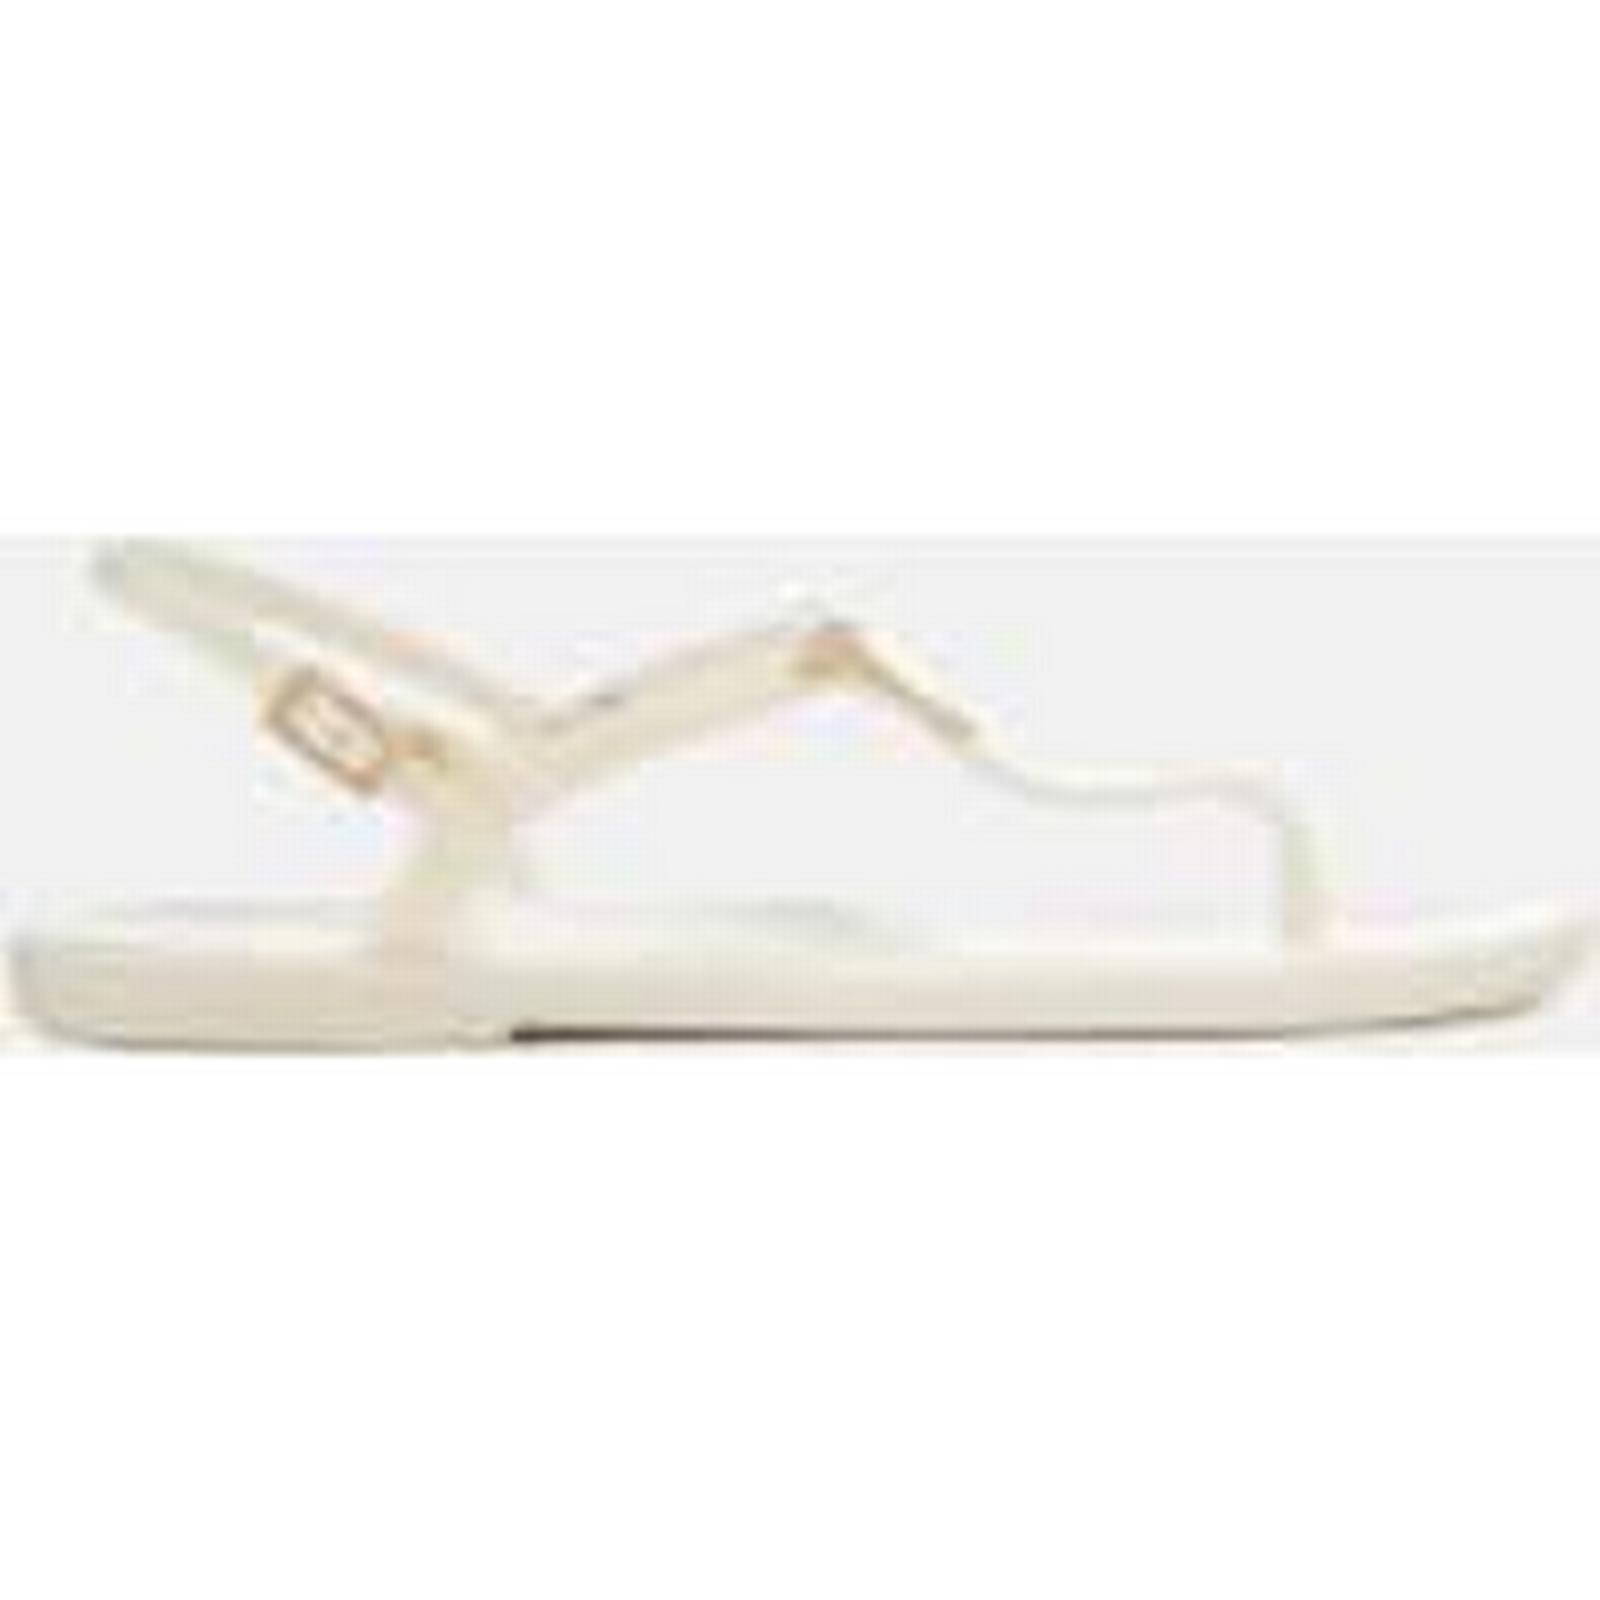 Emporio Armani Sandals Women's Coqui Soft Jelly Sandals Armani - Off White - UK 2 - White 570eb4